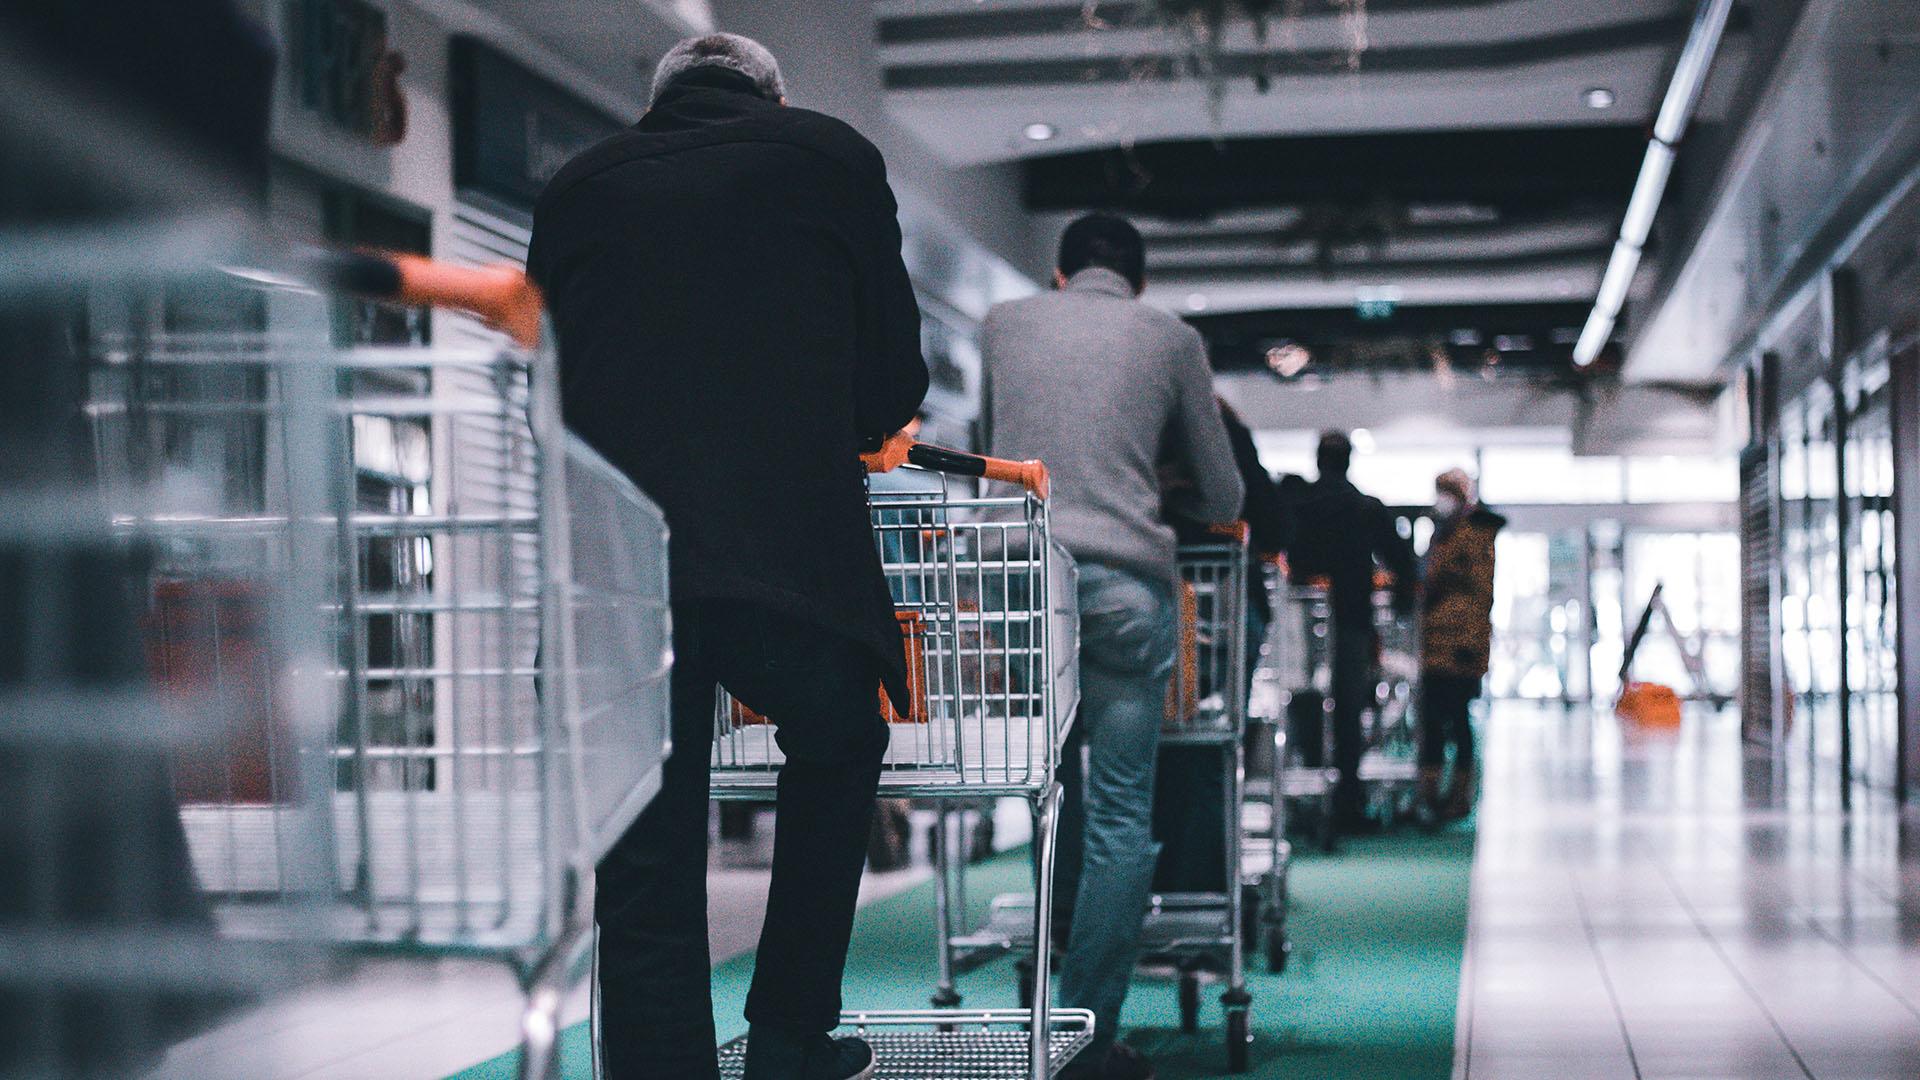 Amazon GOは単なる「店員がいらないコンビニ」ではない